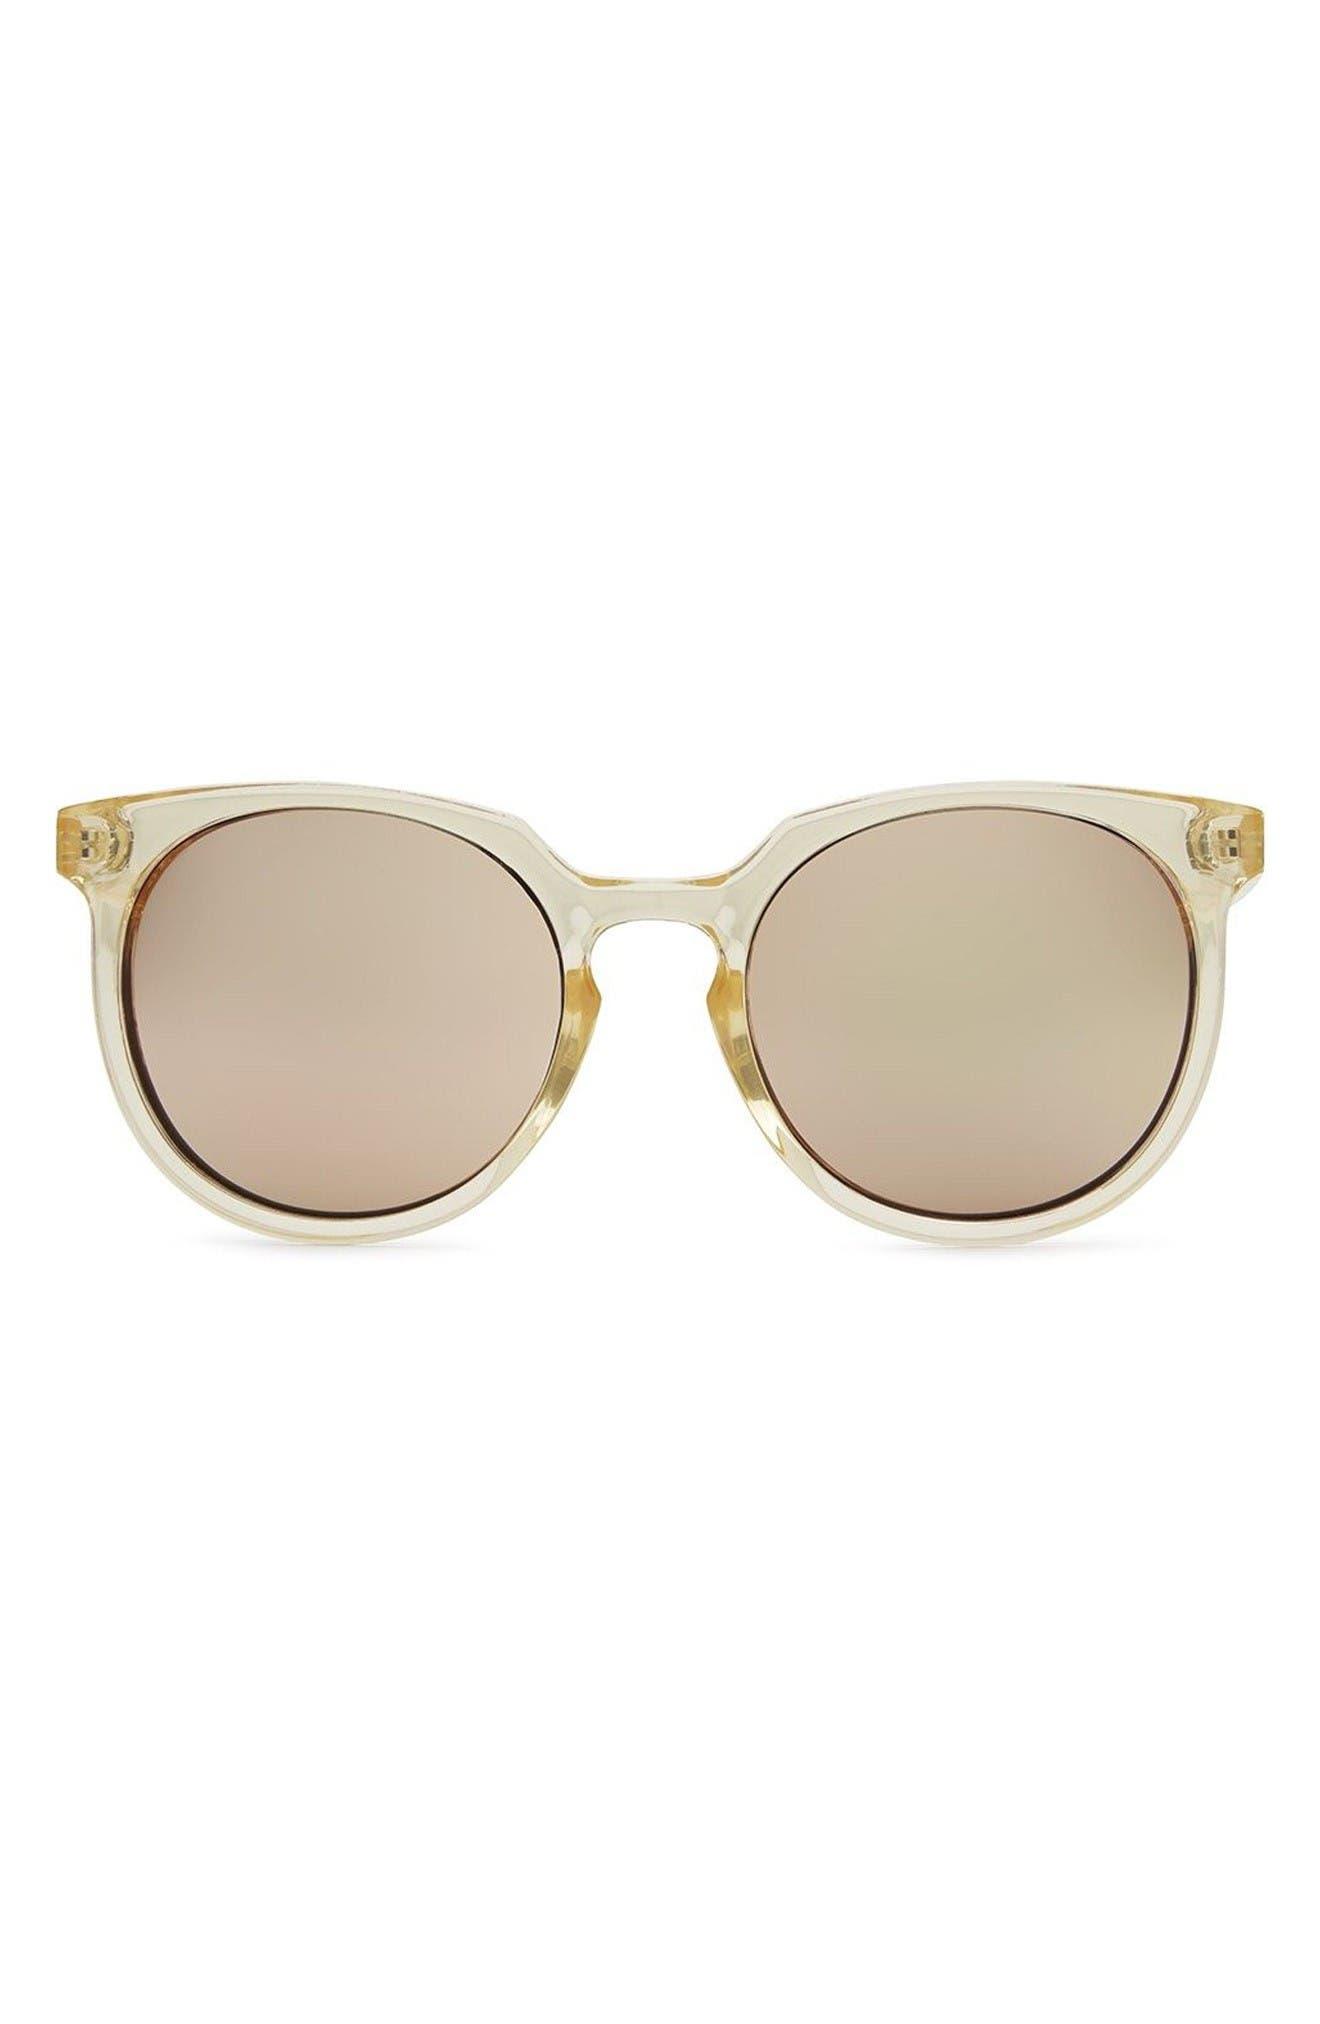 QUAY AUSTRALIA Dont Change 60mm Round Sunglasses